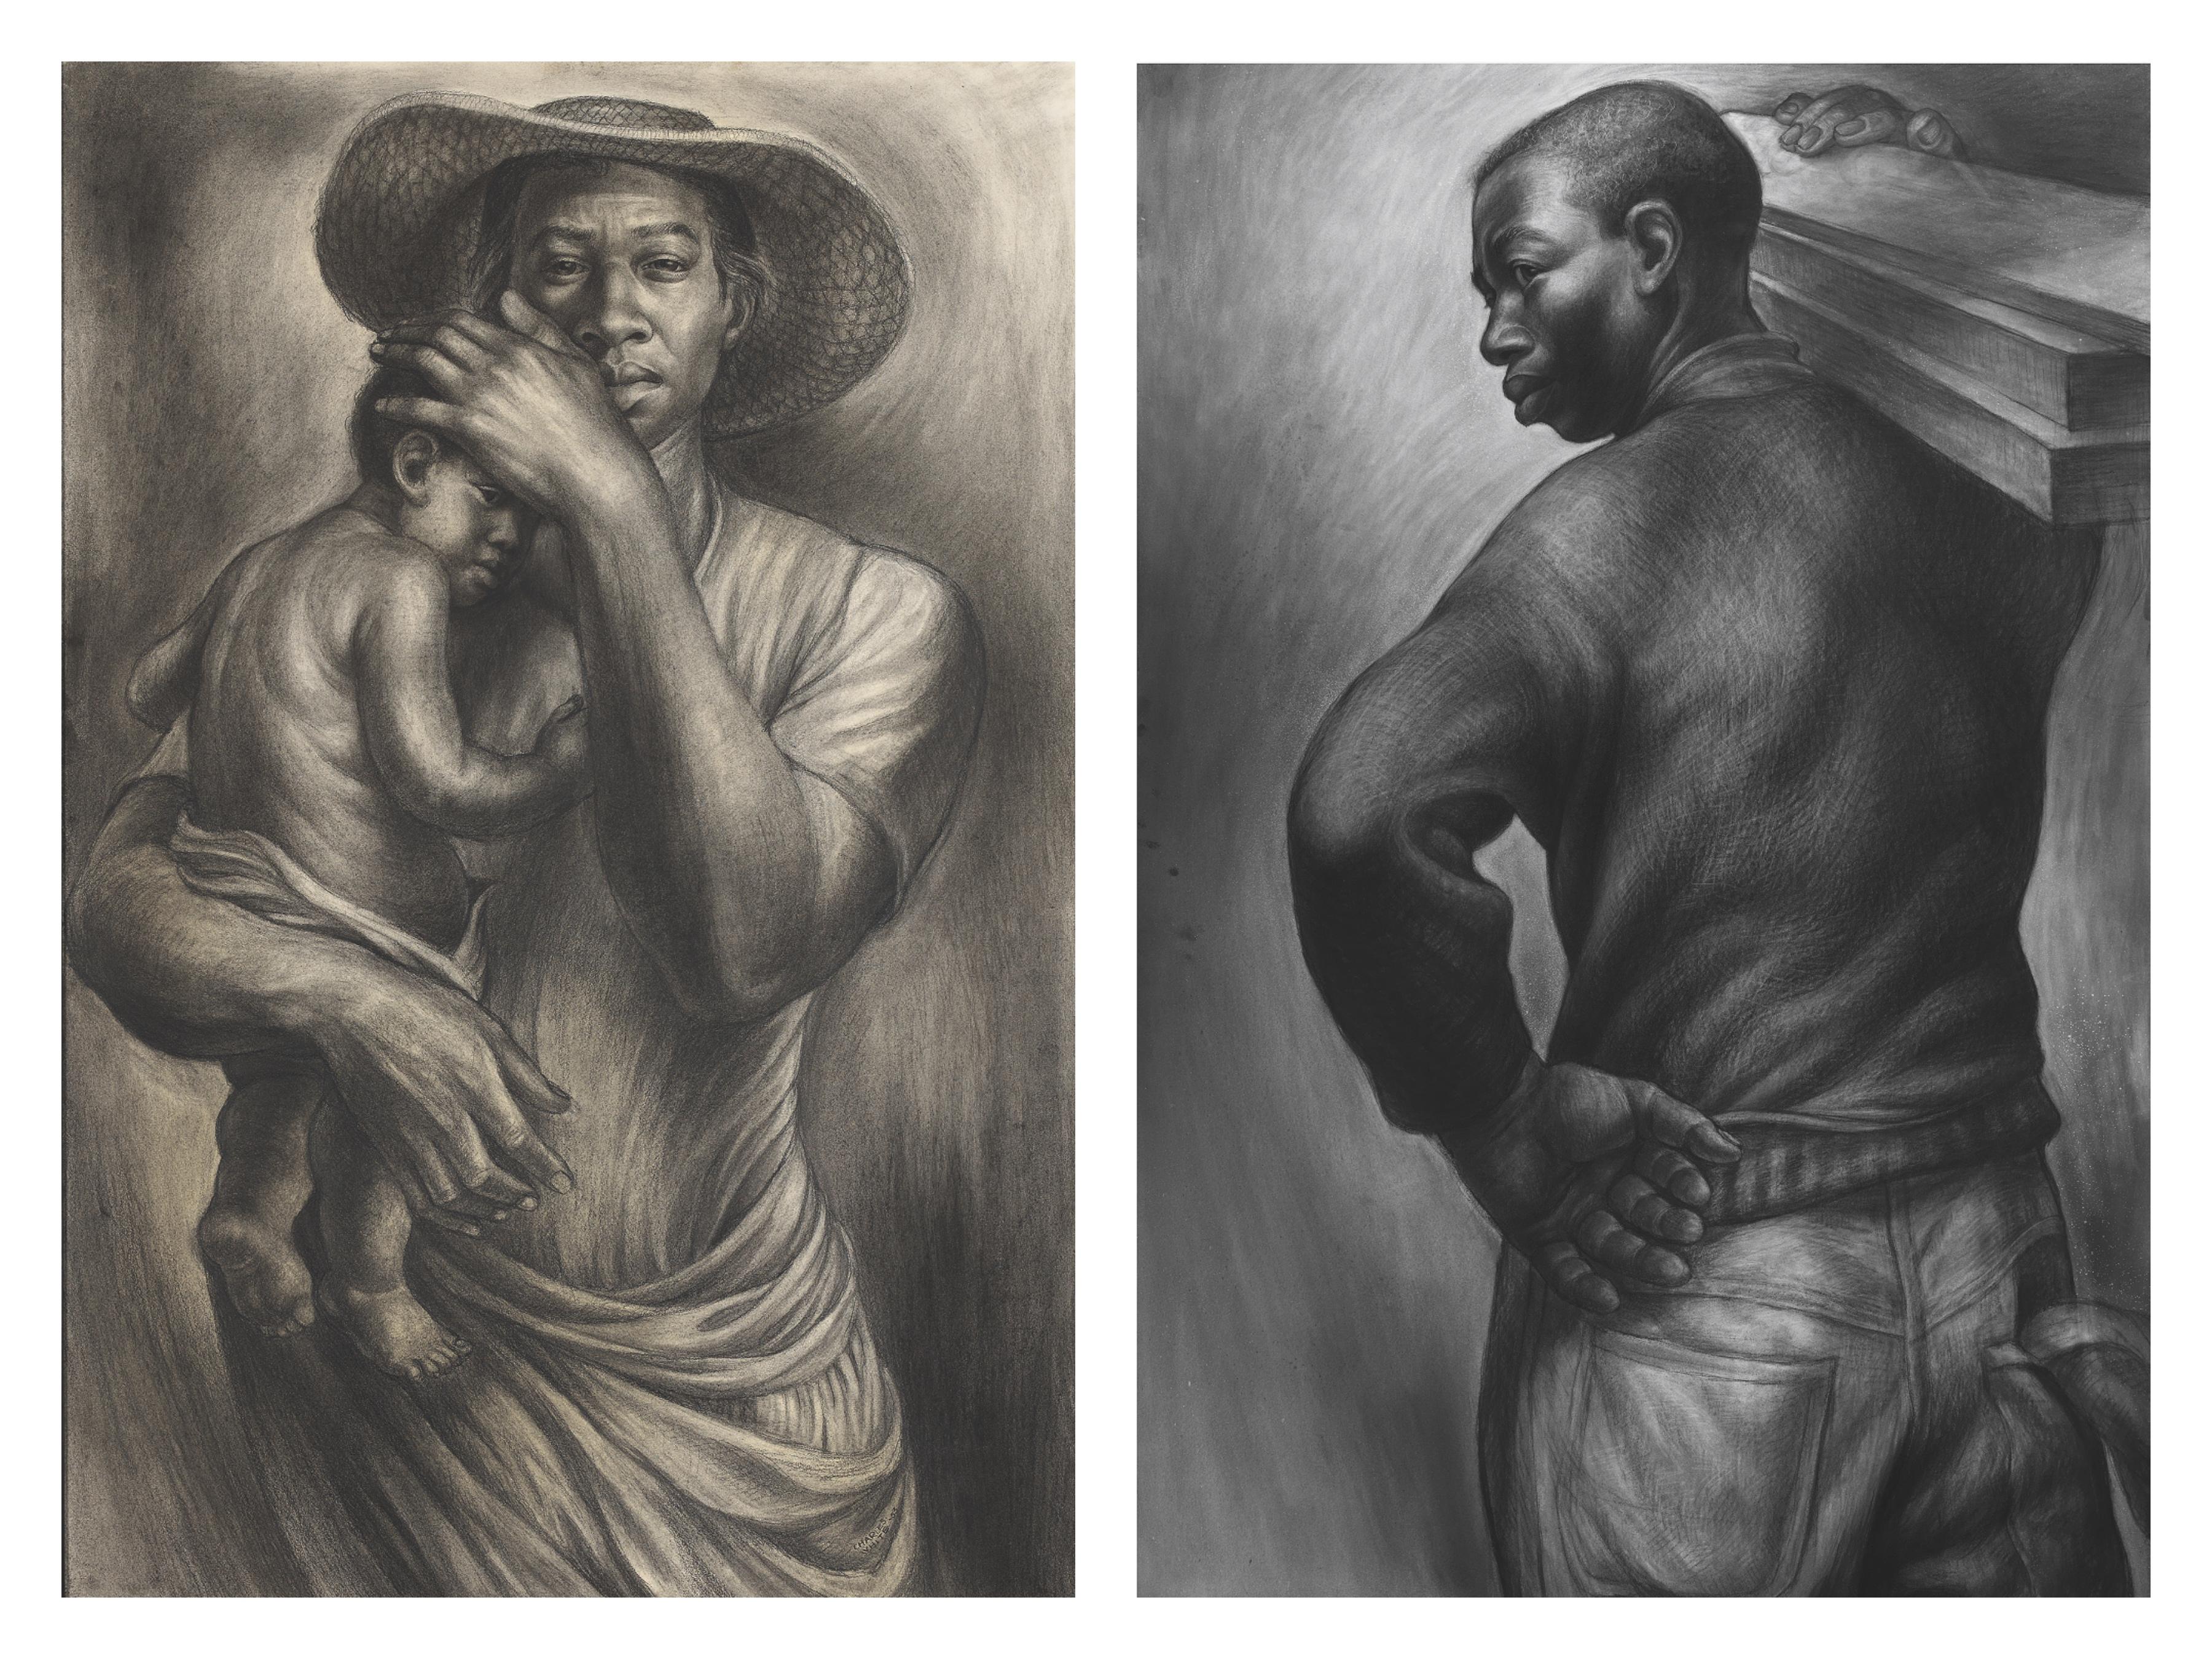 Moma Is Finally Giving Legendary Black Artist Charles White